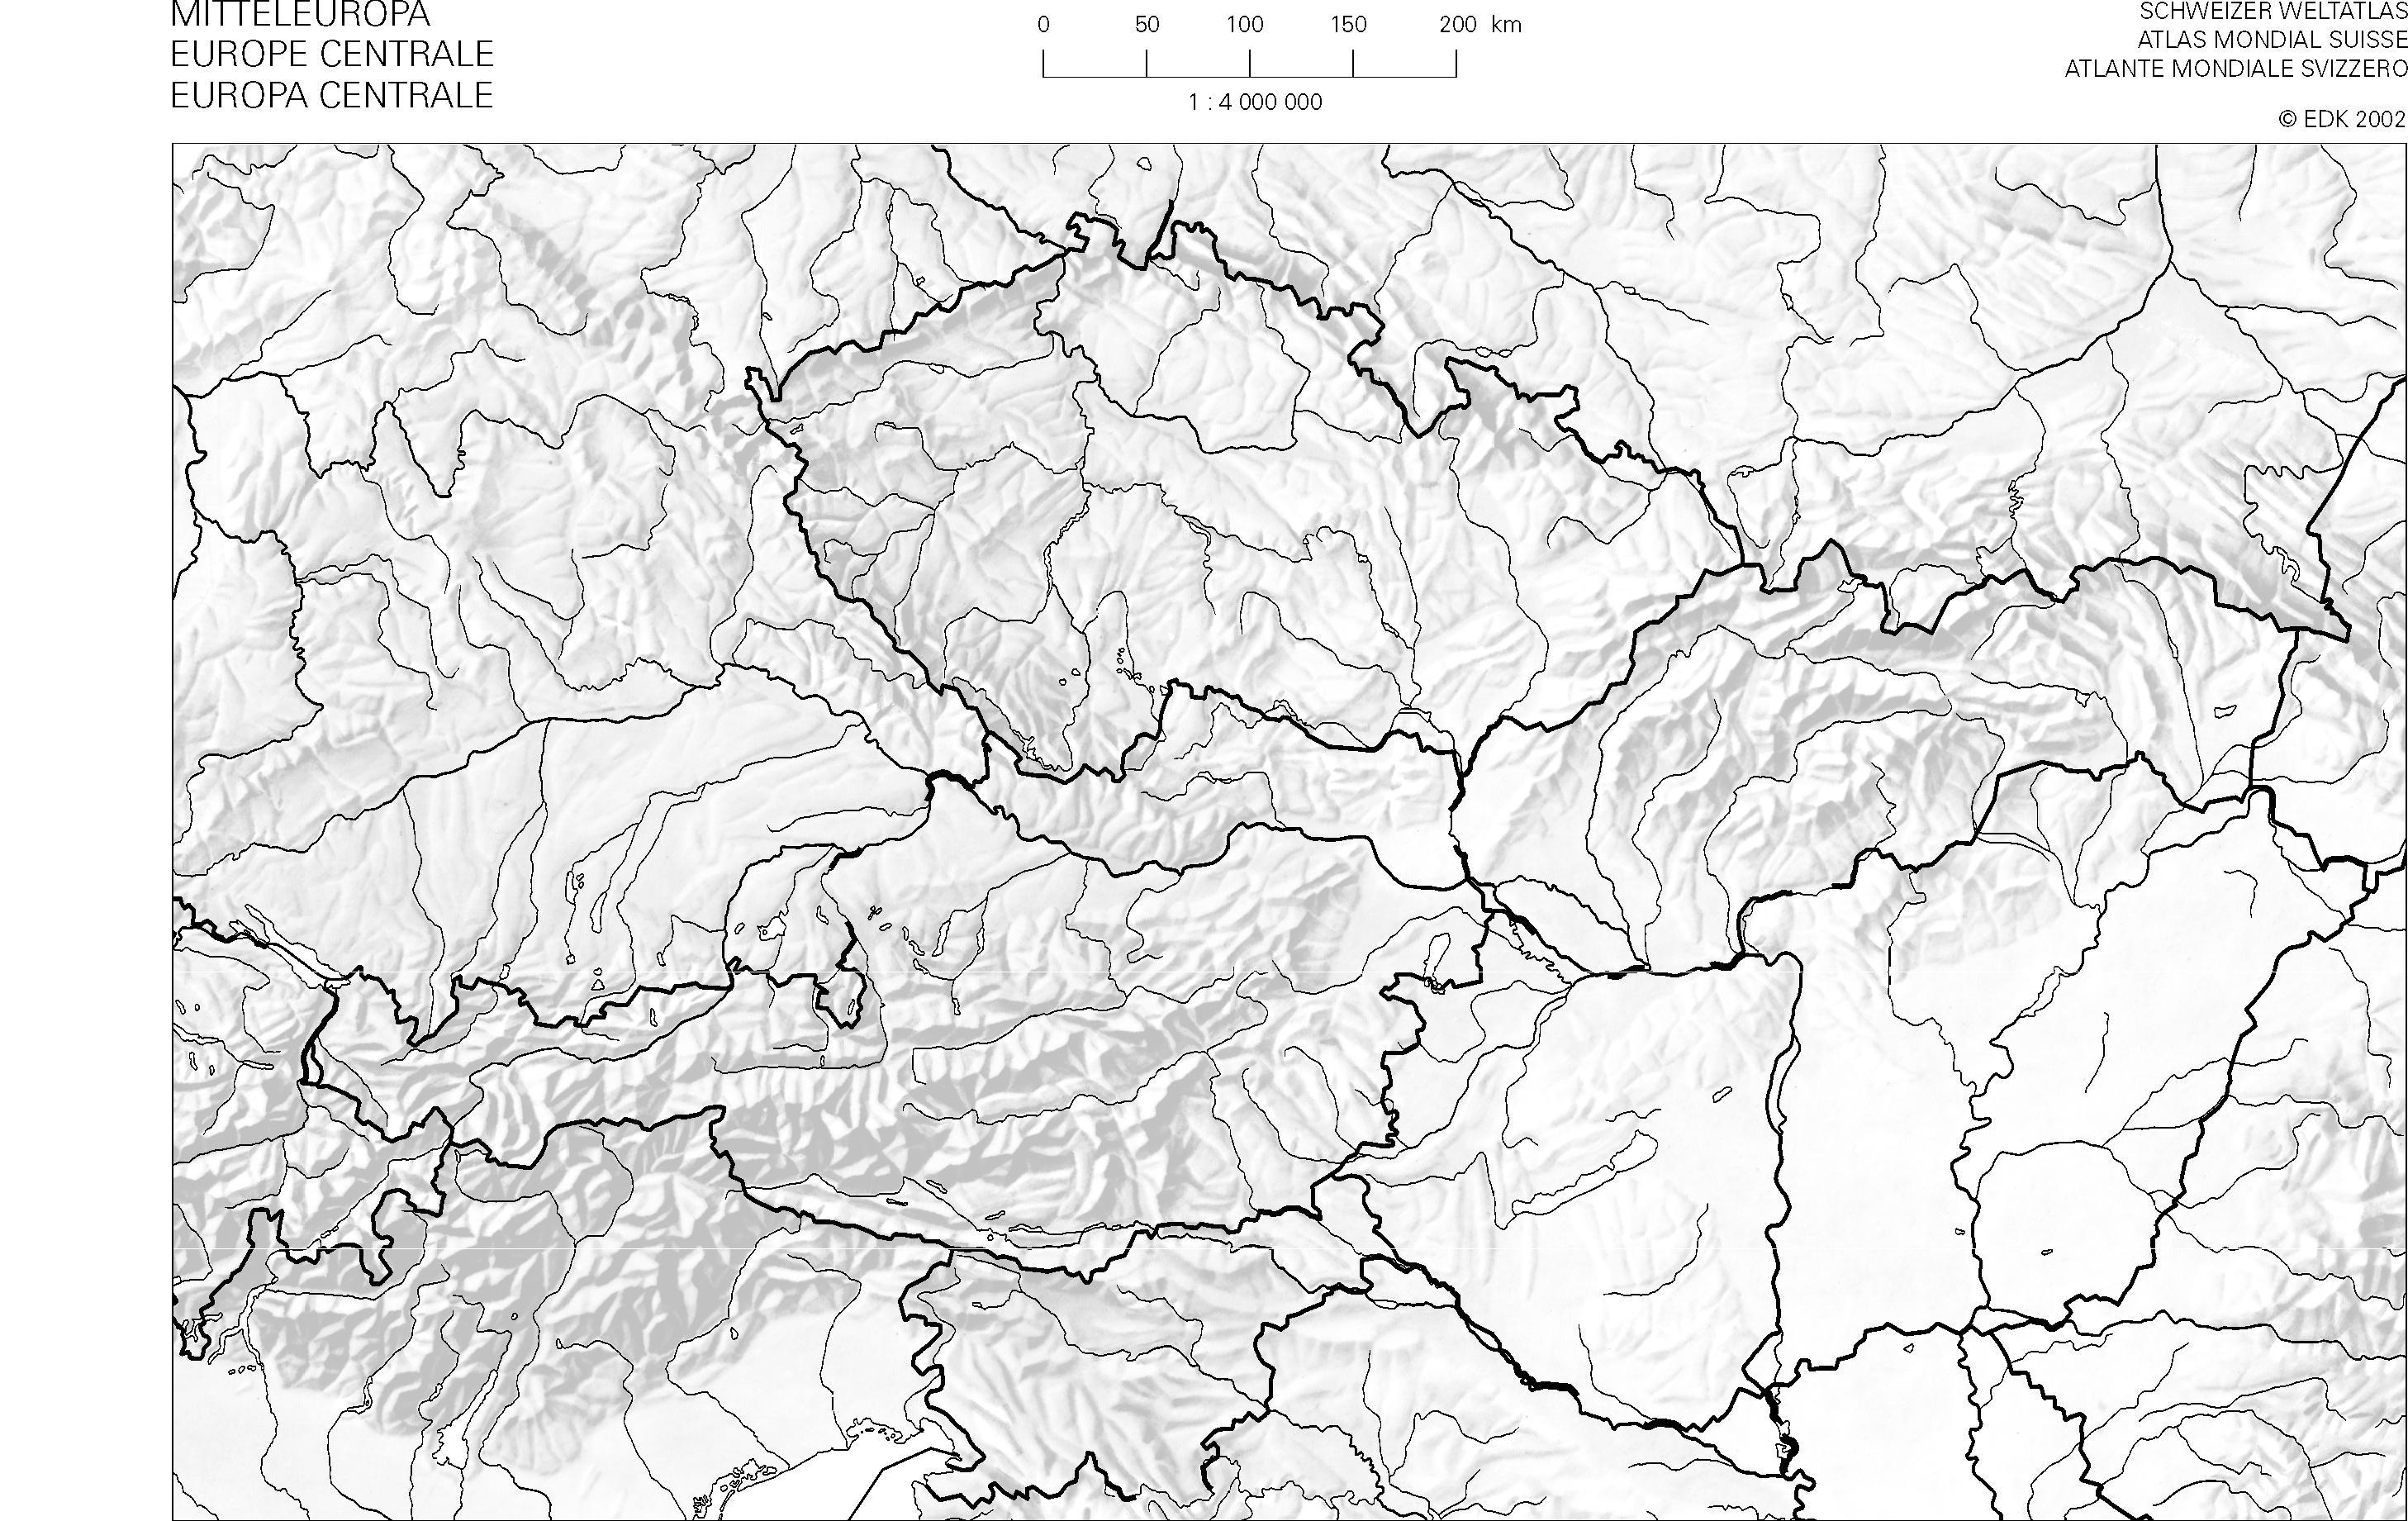 Cartina Muta Europa Centrale.Swisseduc Geographie Atlas Kopiervorlagen